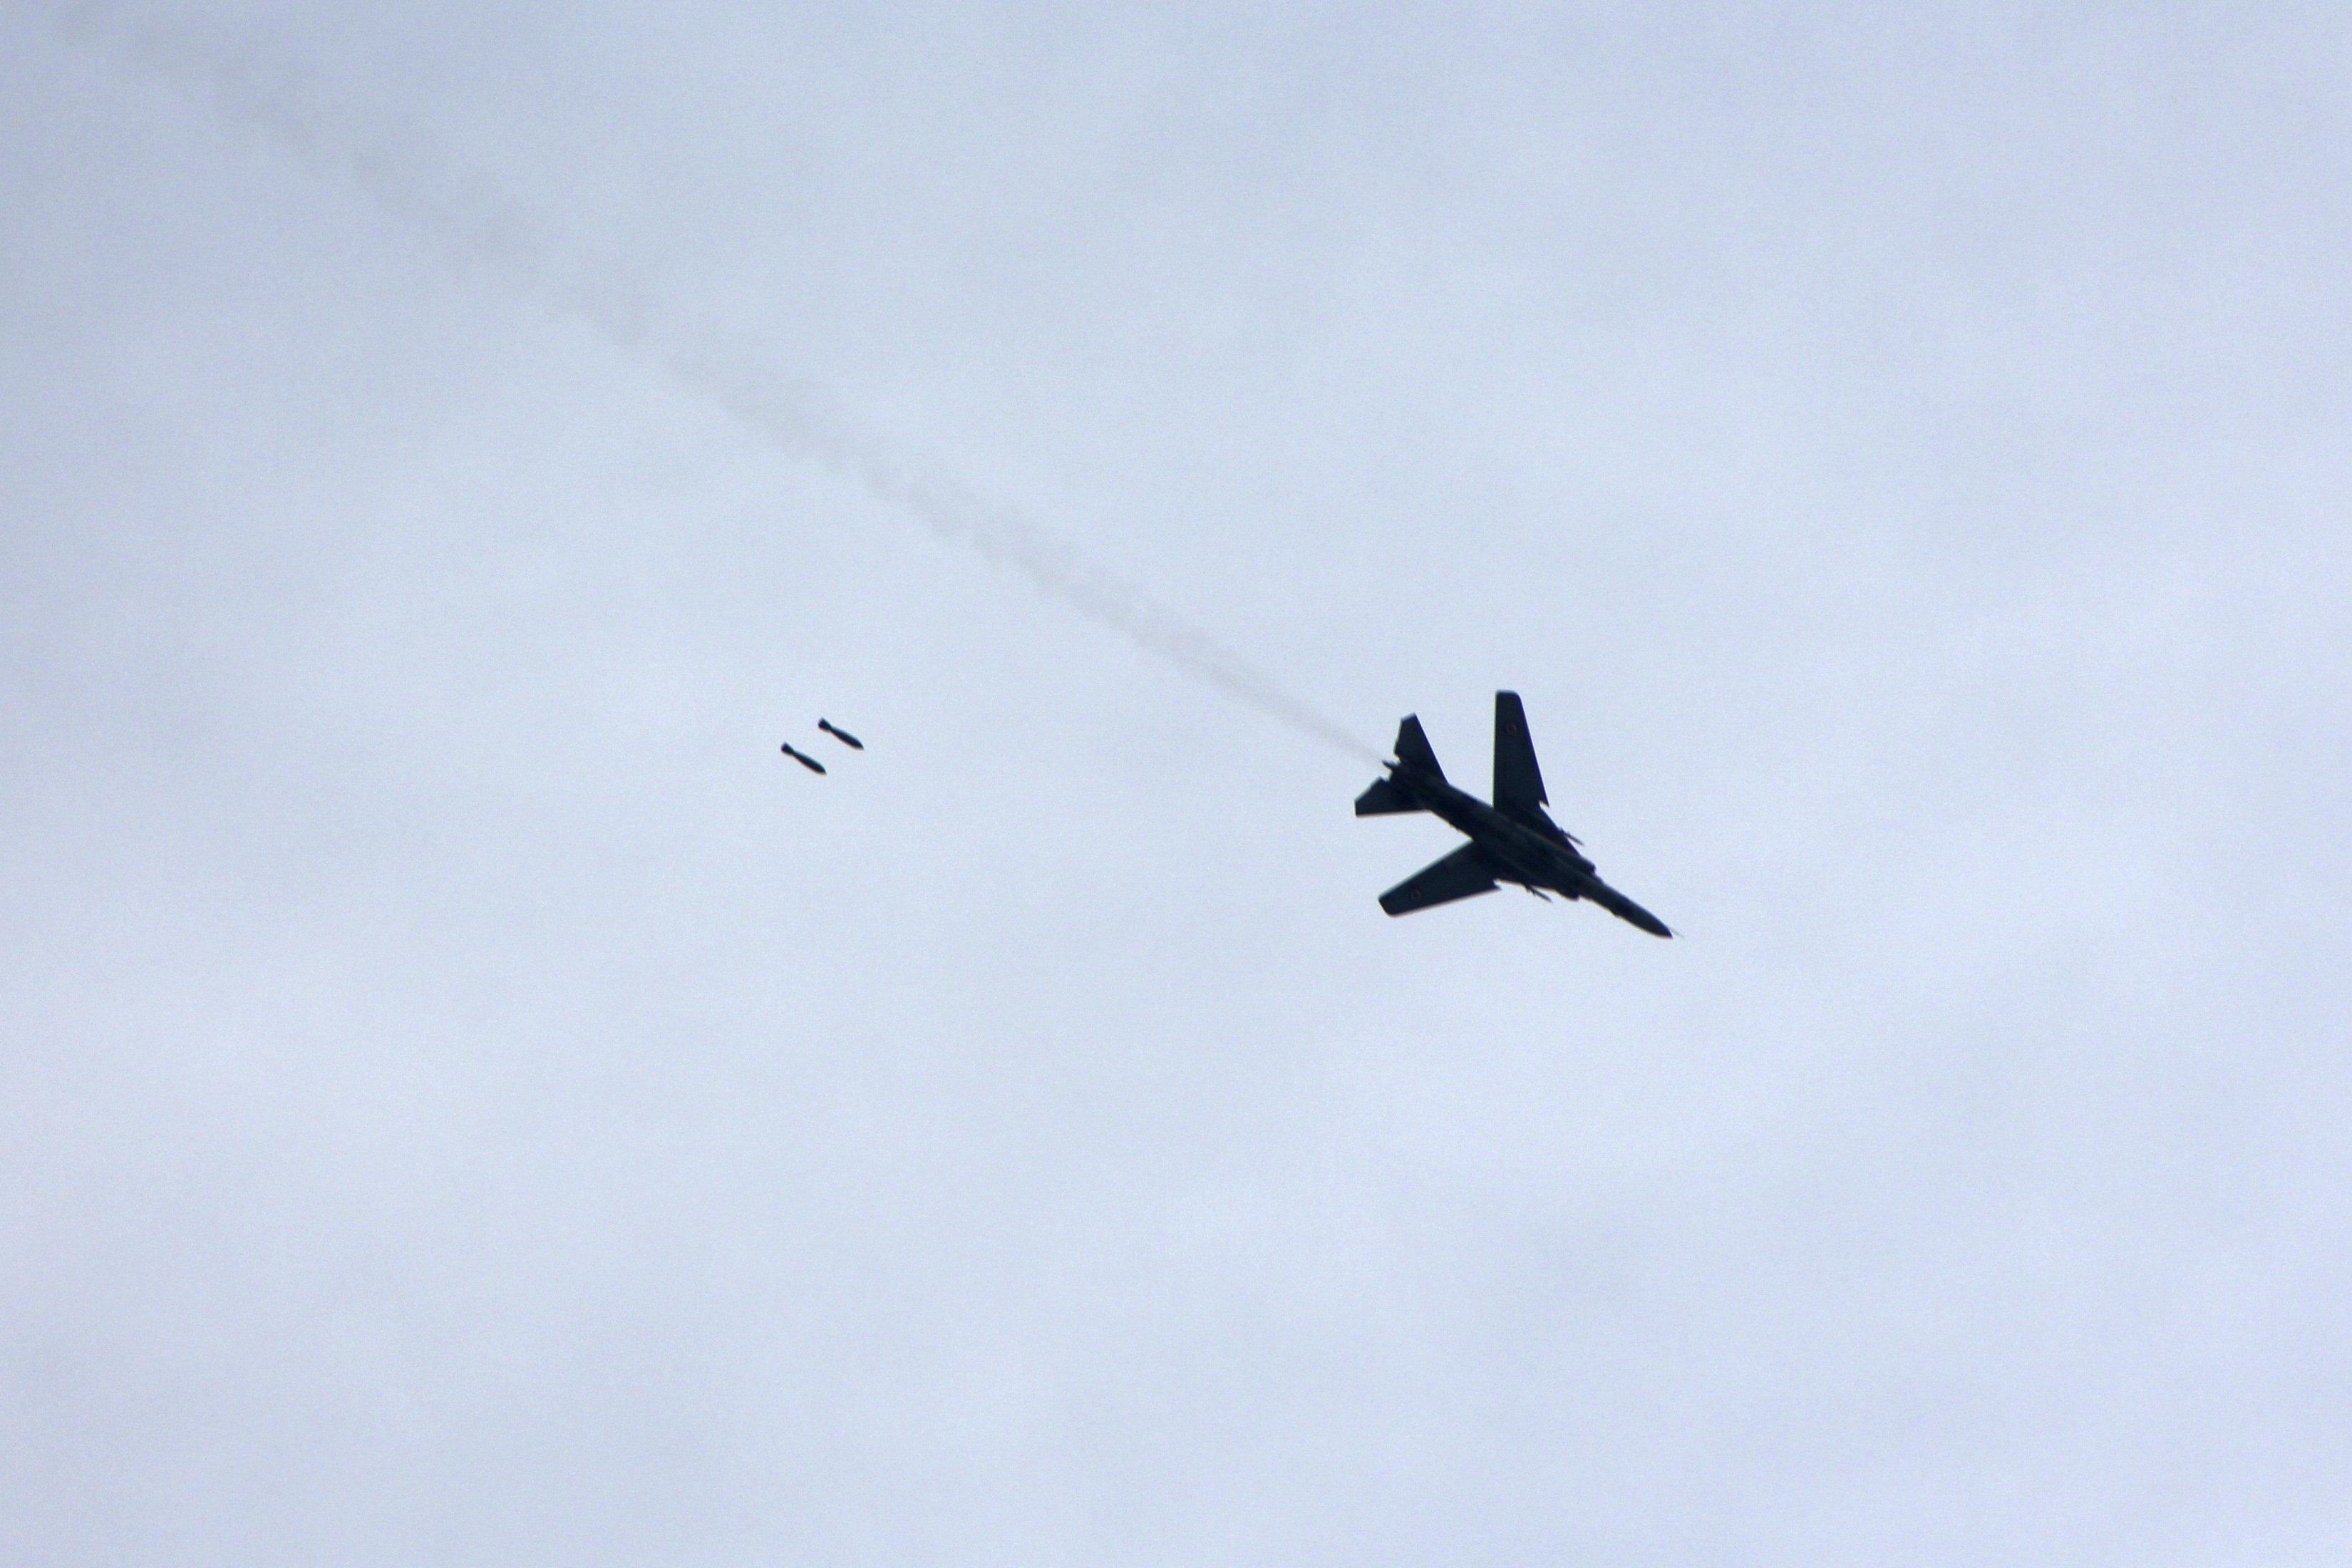 Συρία: Καταρρίφθηκε στρατιωτικό αεροσκάφος στη βόρεια Χάμα. Νεκρός ο